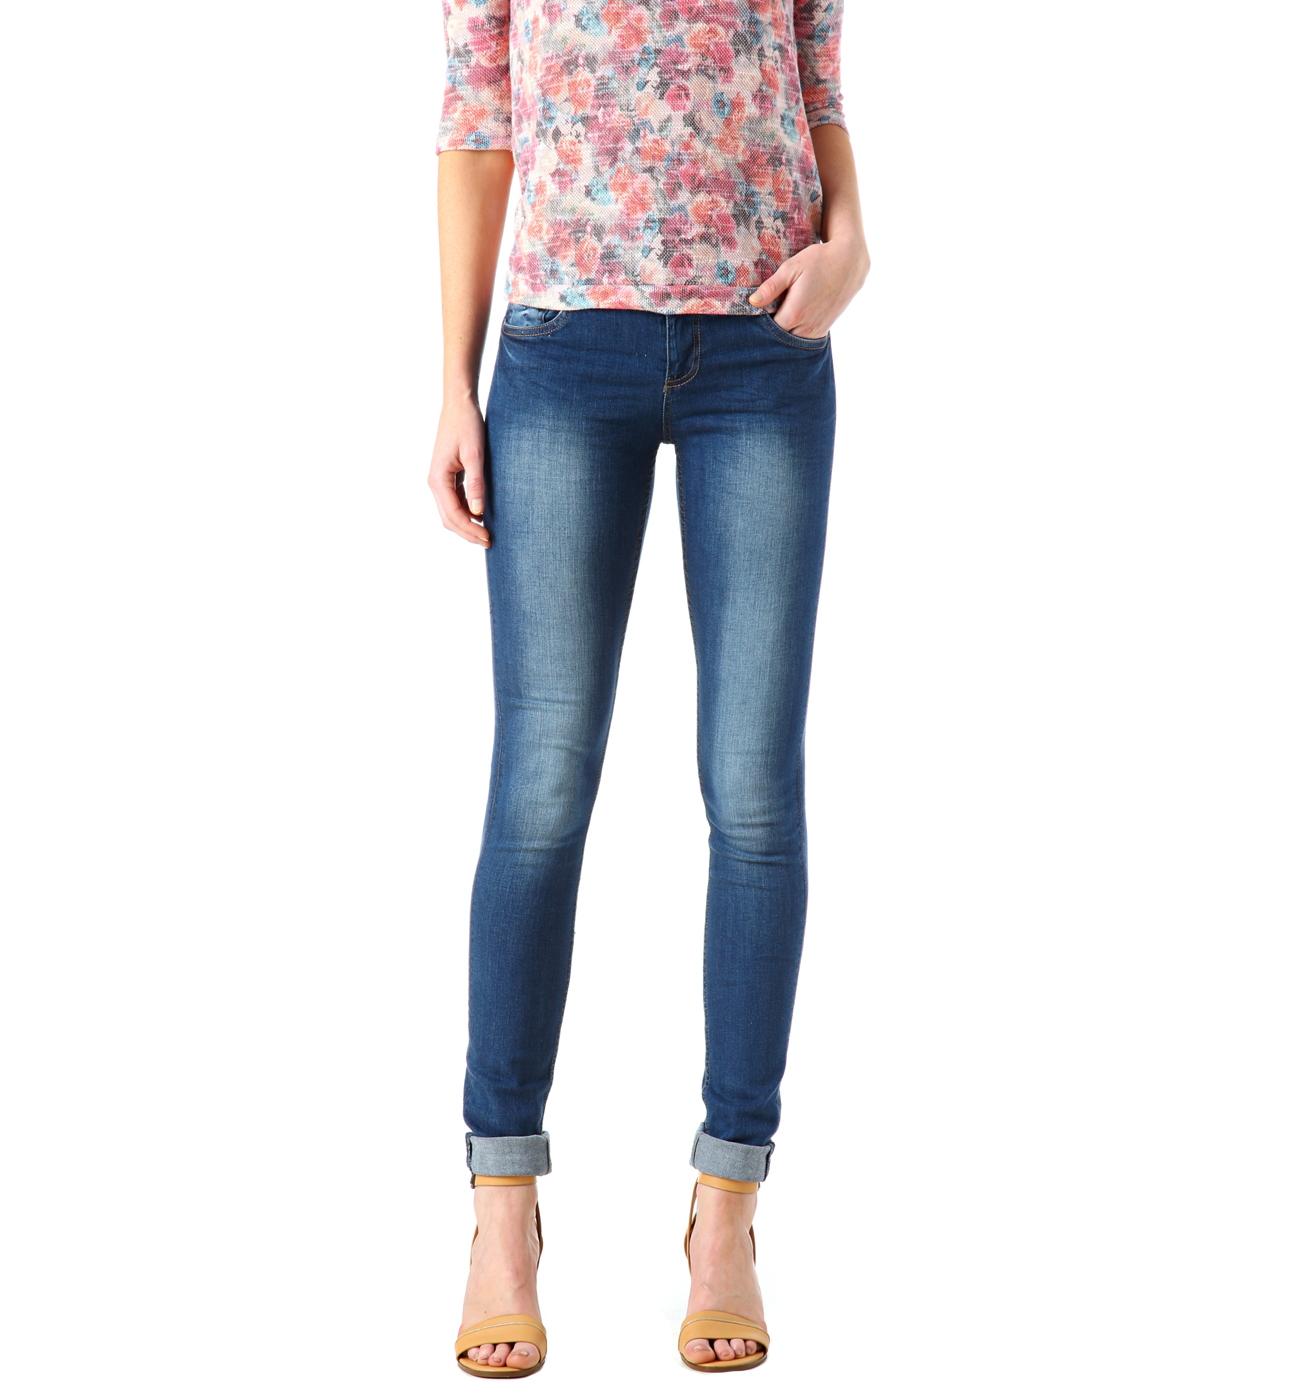 Boutique en ligne Le Temps des Cerises pour la femme, l'homme et le junior. Collections et dernières tendances mode de Jeans, Robes, T-shirts, Pulls, Chaussures.